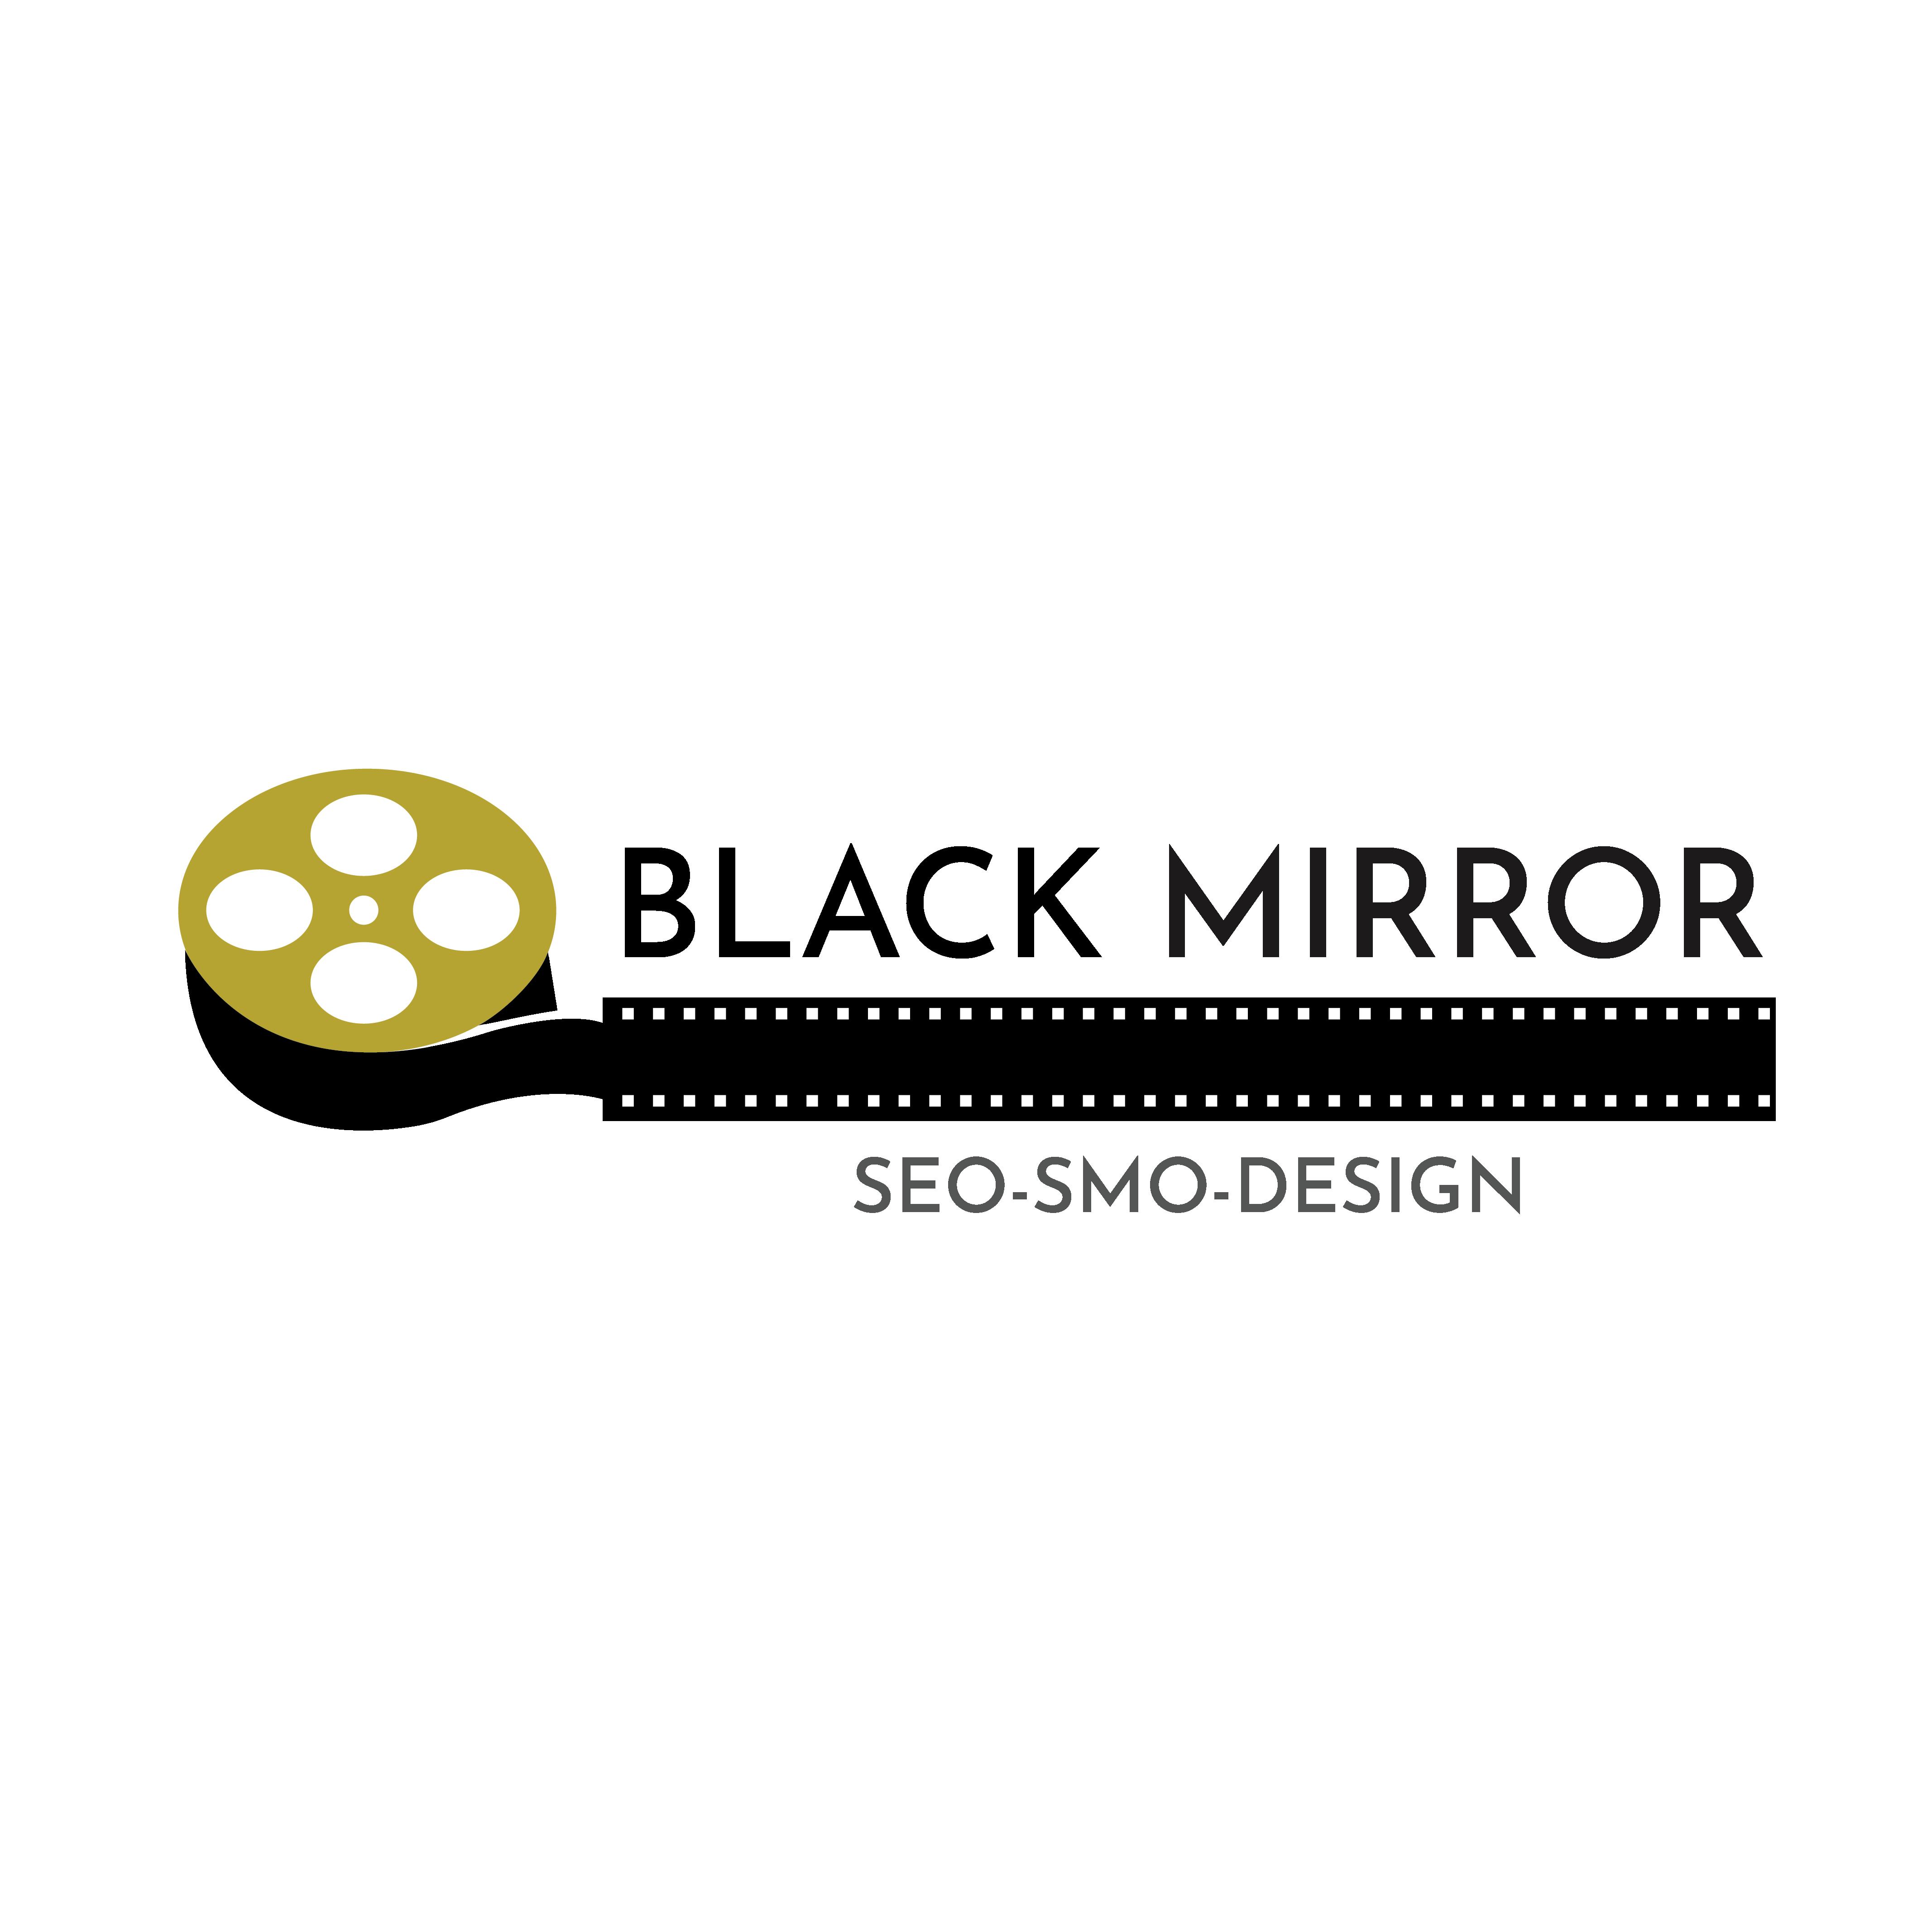 Black mirror arts Logo